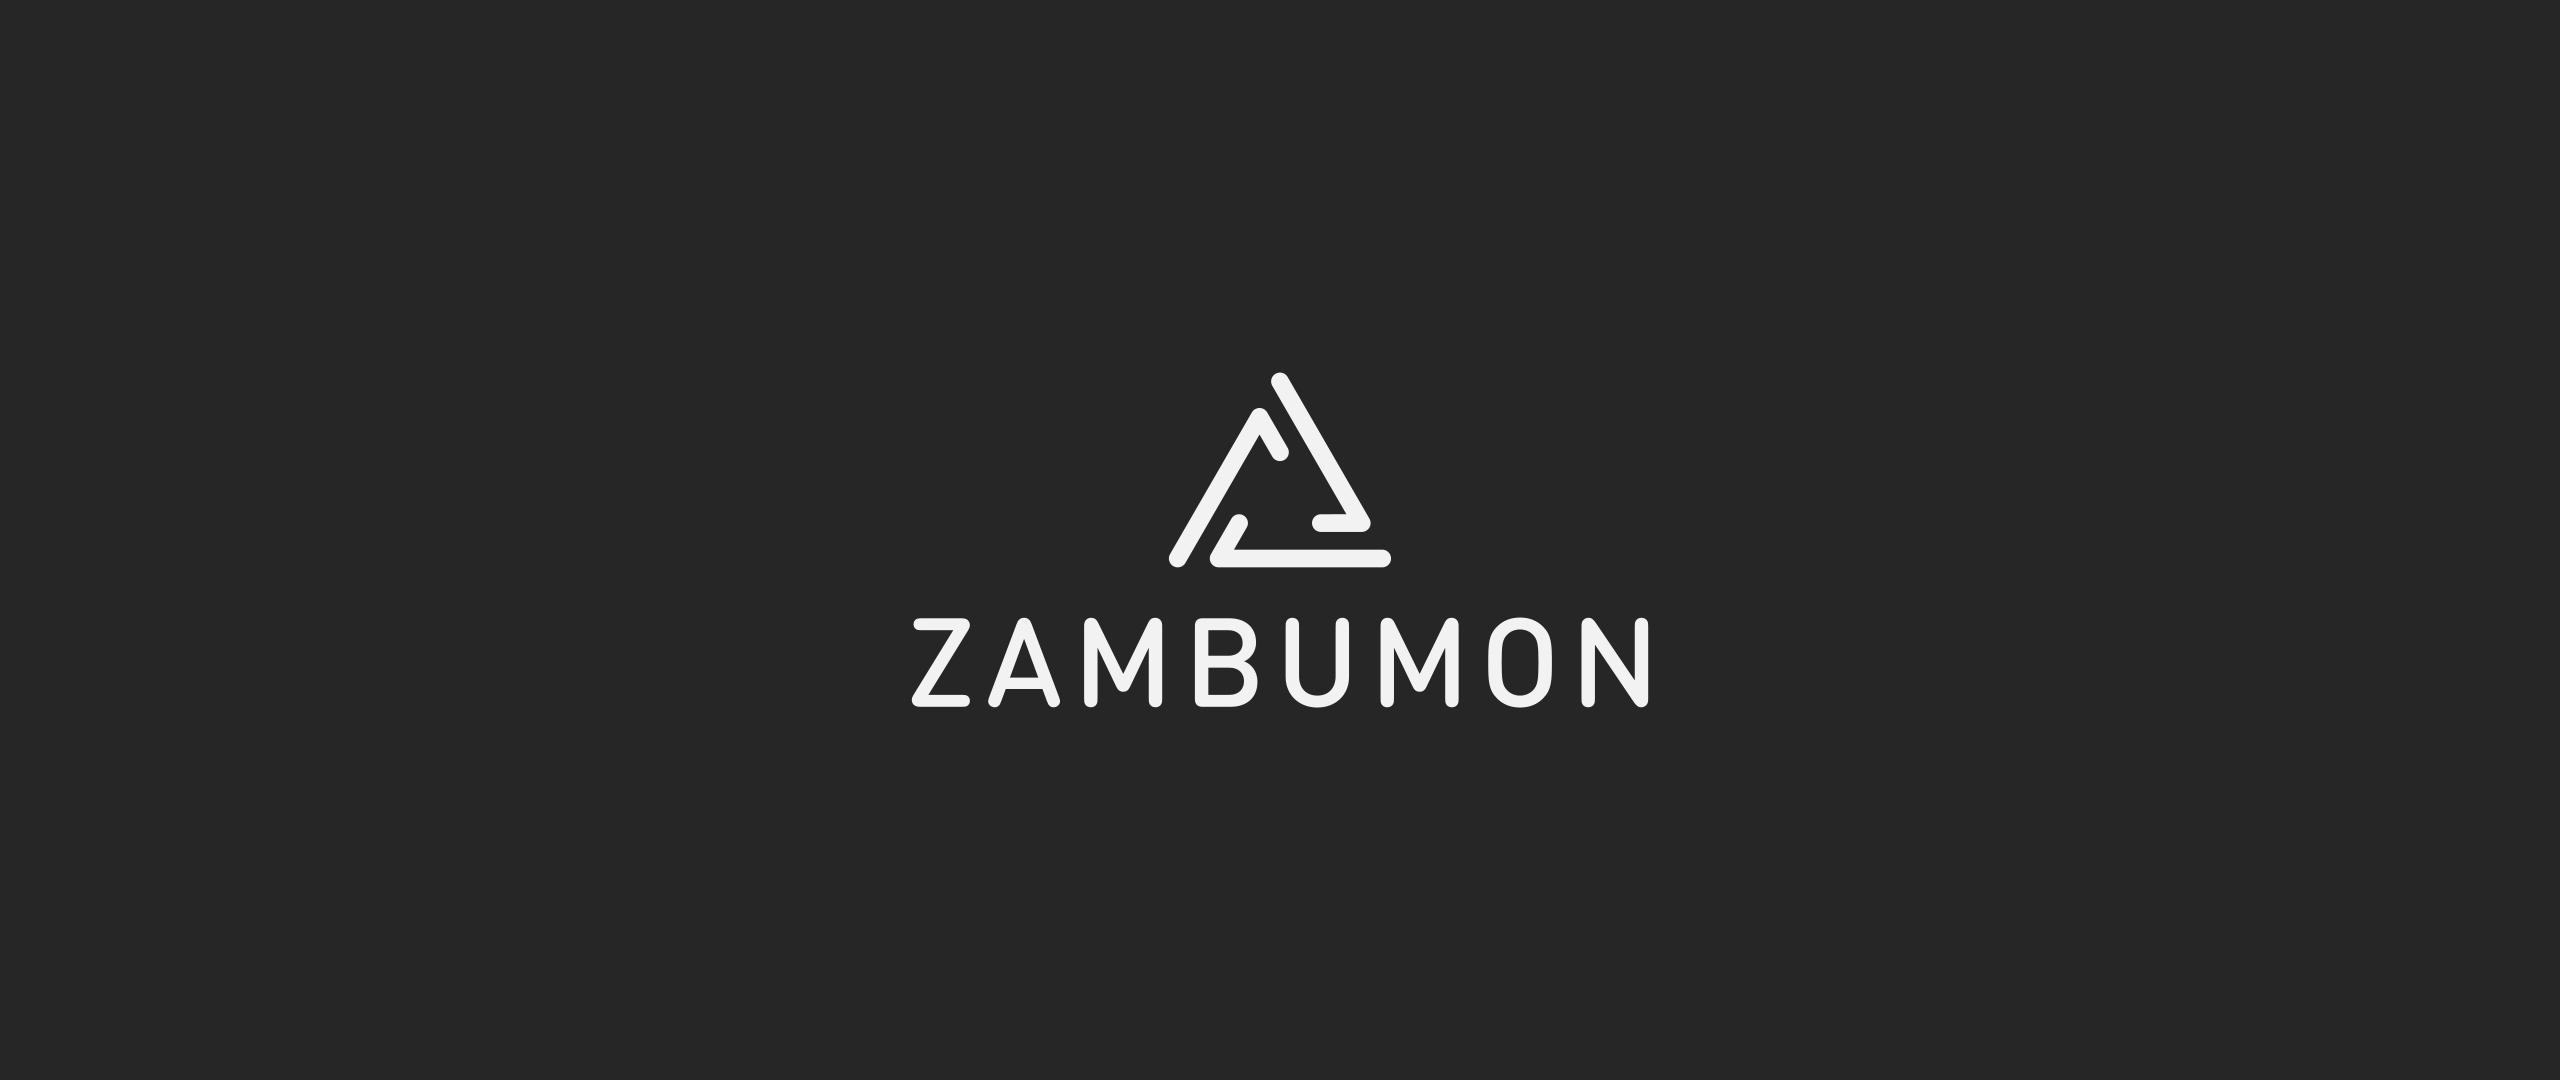 ZAMBUMON